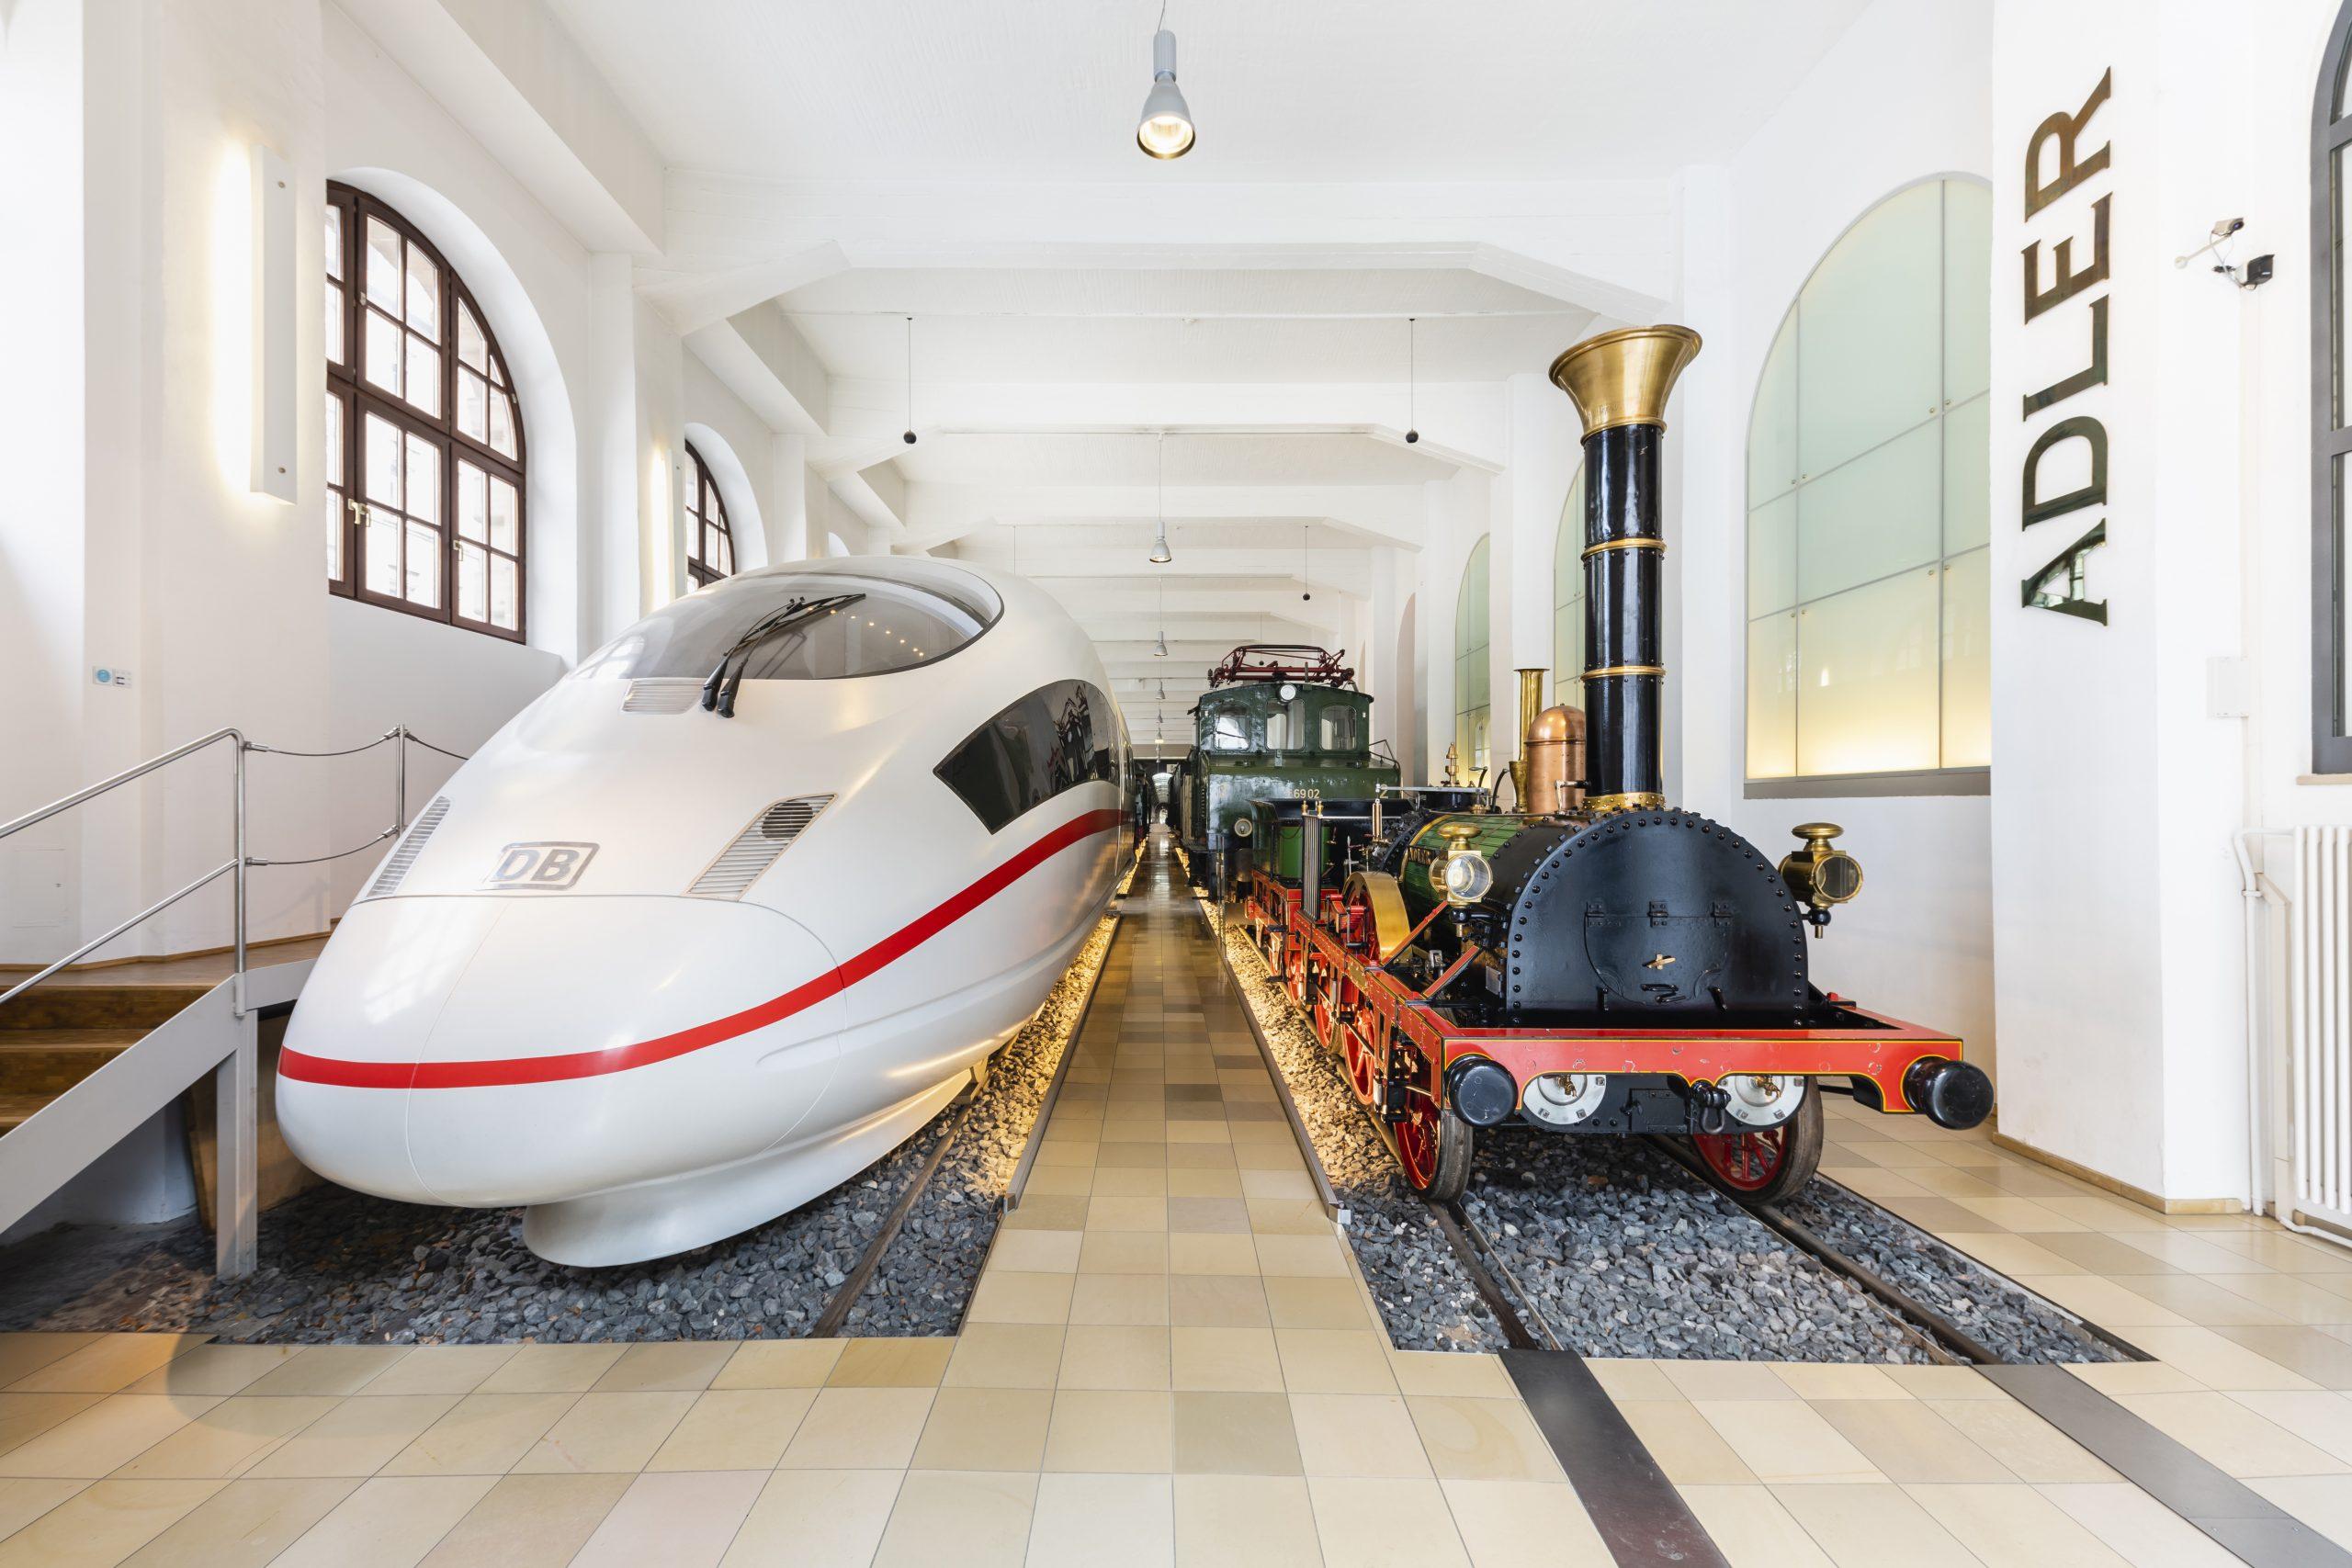 Design: Wie sich der Look der Deutschen Bahn veränderte